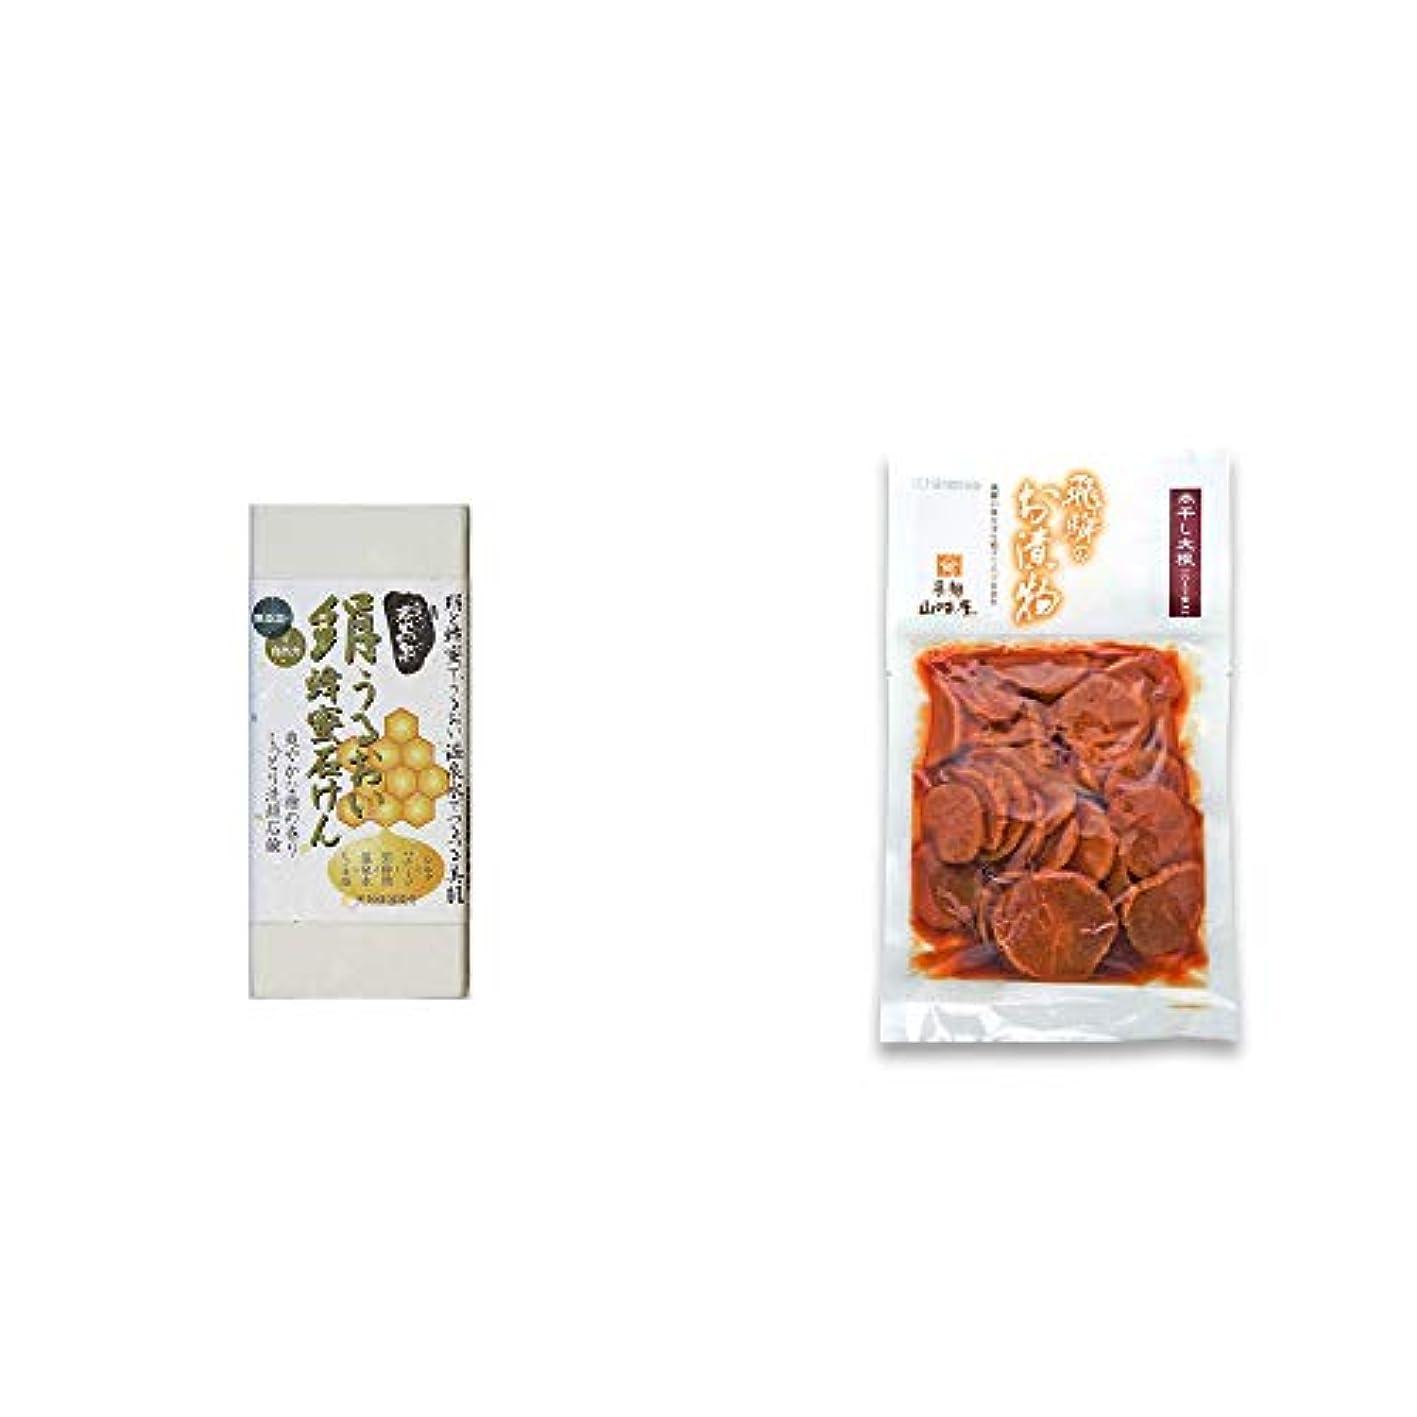 ラショナルアシュリータファーマン月[2点セット] ひのき炭黒泉 絹うるおい蜂蜜石けん(75g×2)?飛騨山味屋 本干し大根(135g)